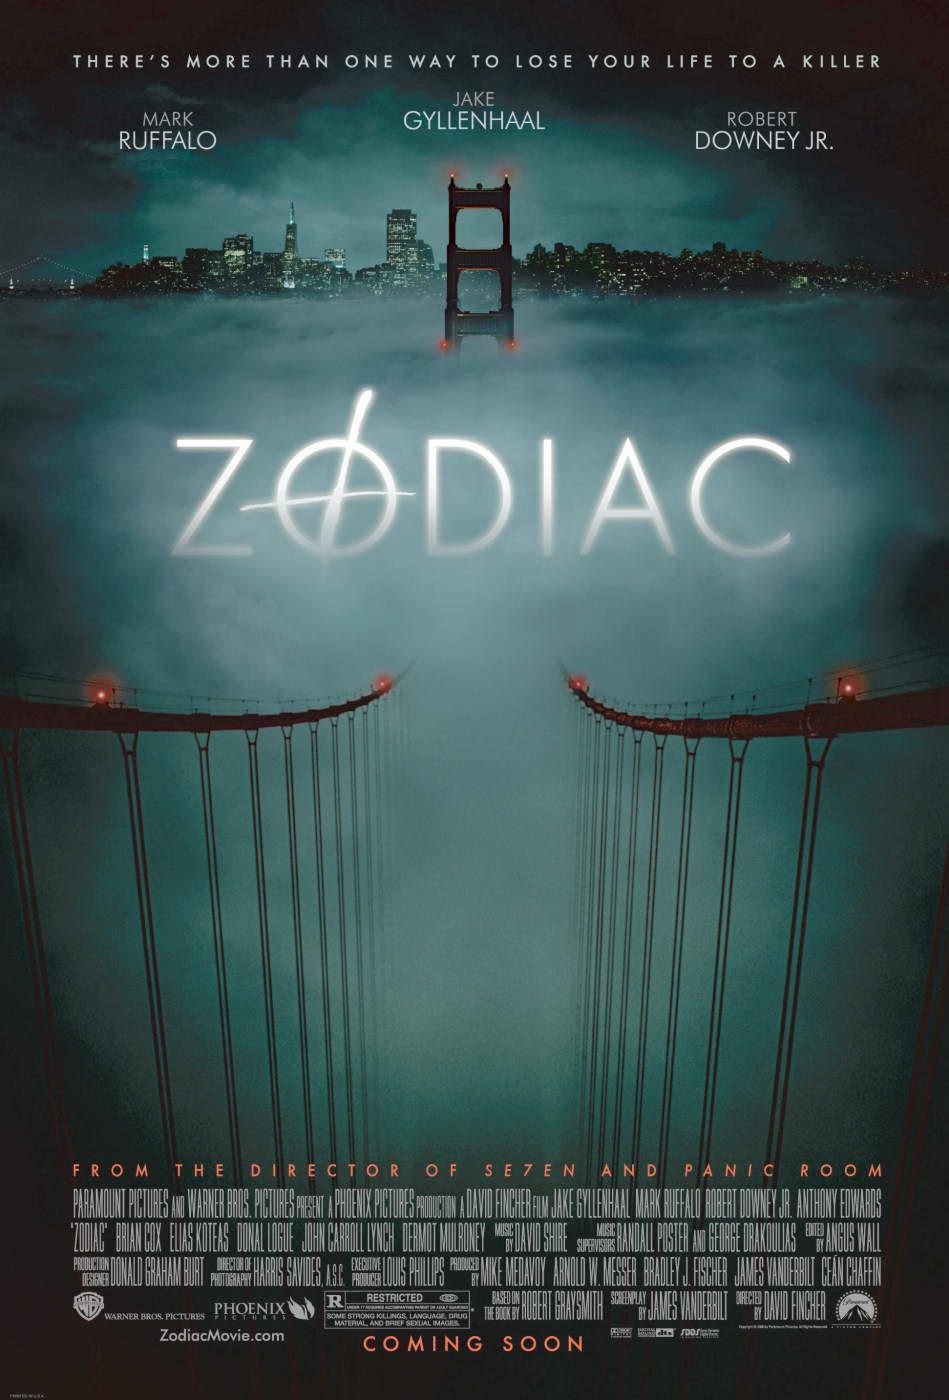 Estados Unidos poster for Zodiac